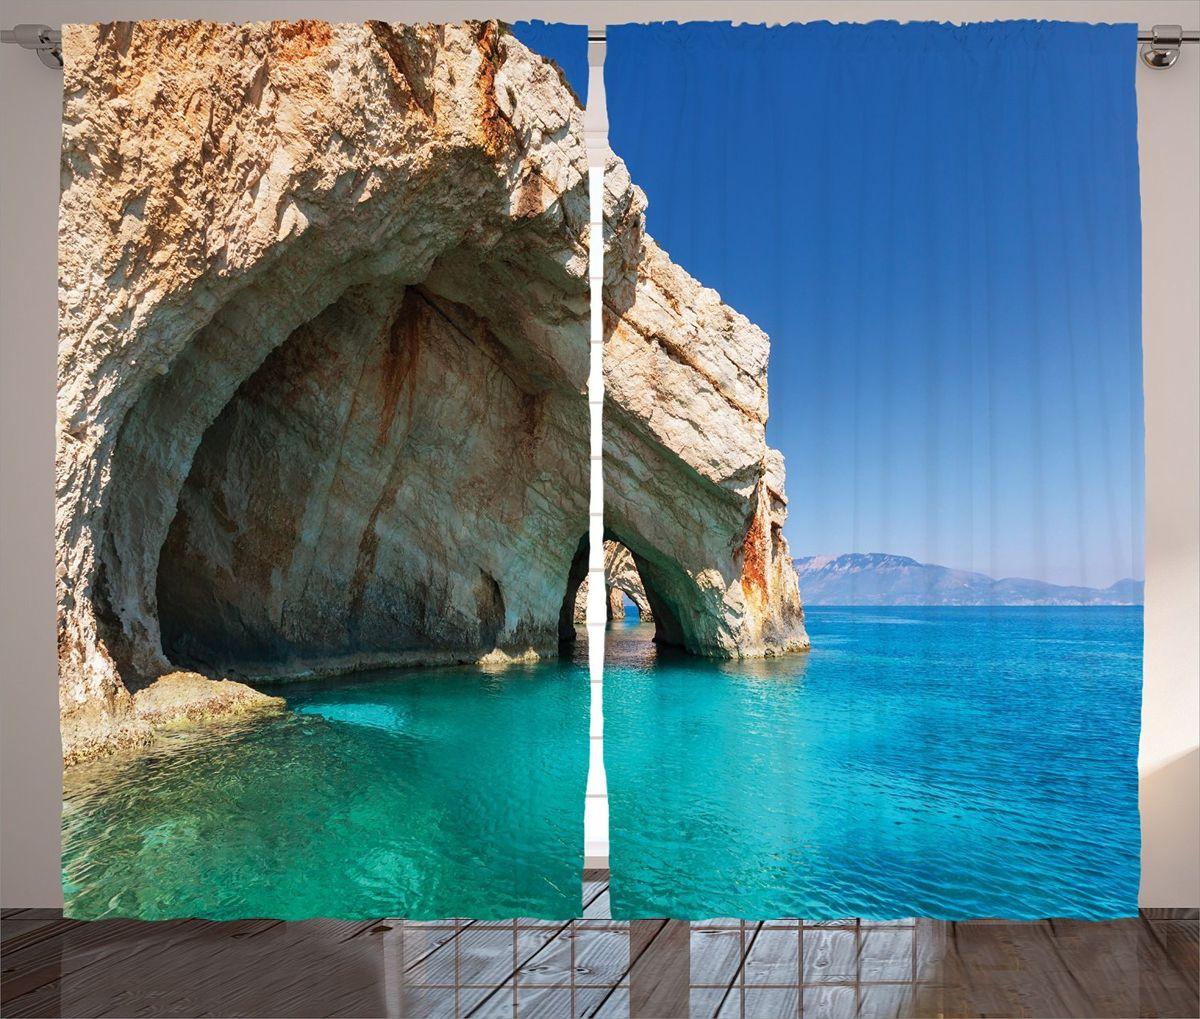 Комплект фотоштор Magic Lady Морская пещера, на ленте, высота 265 см фотошторы magic lady плотные фотошторы две хамсы 290 265 см